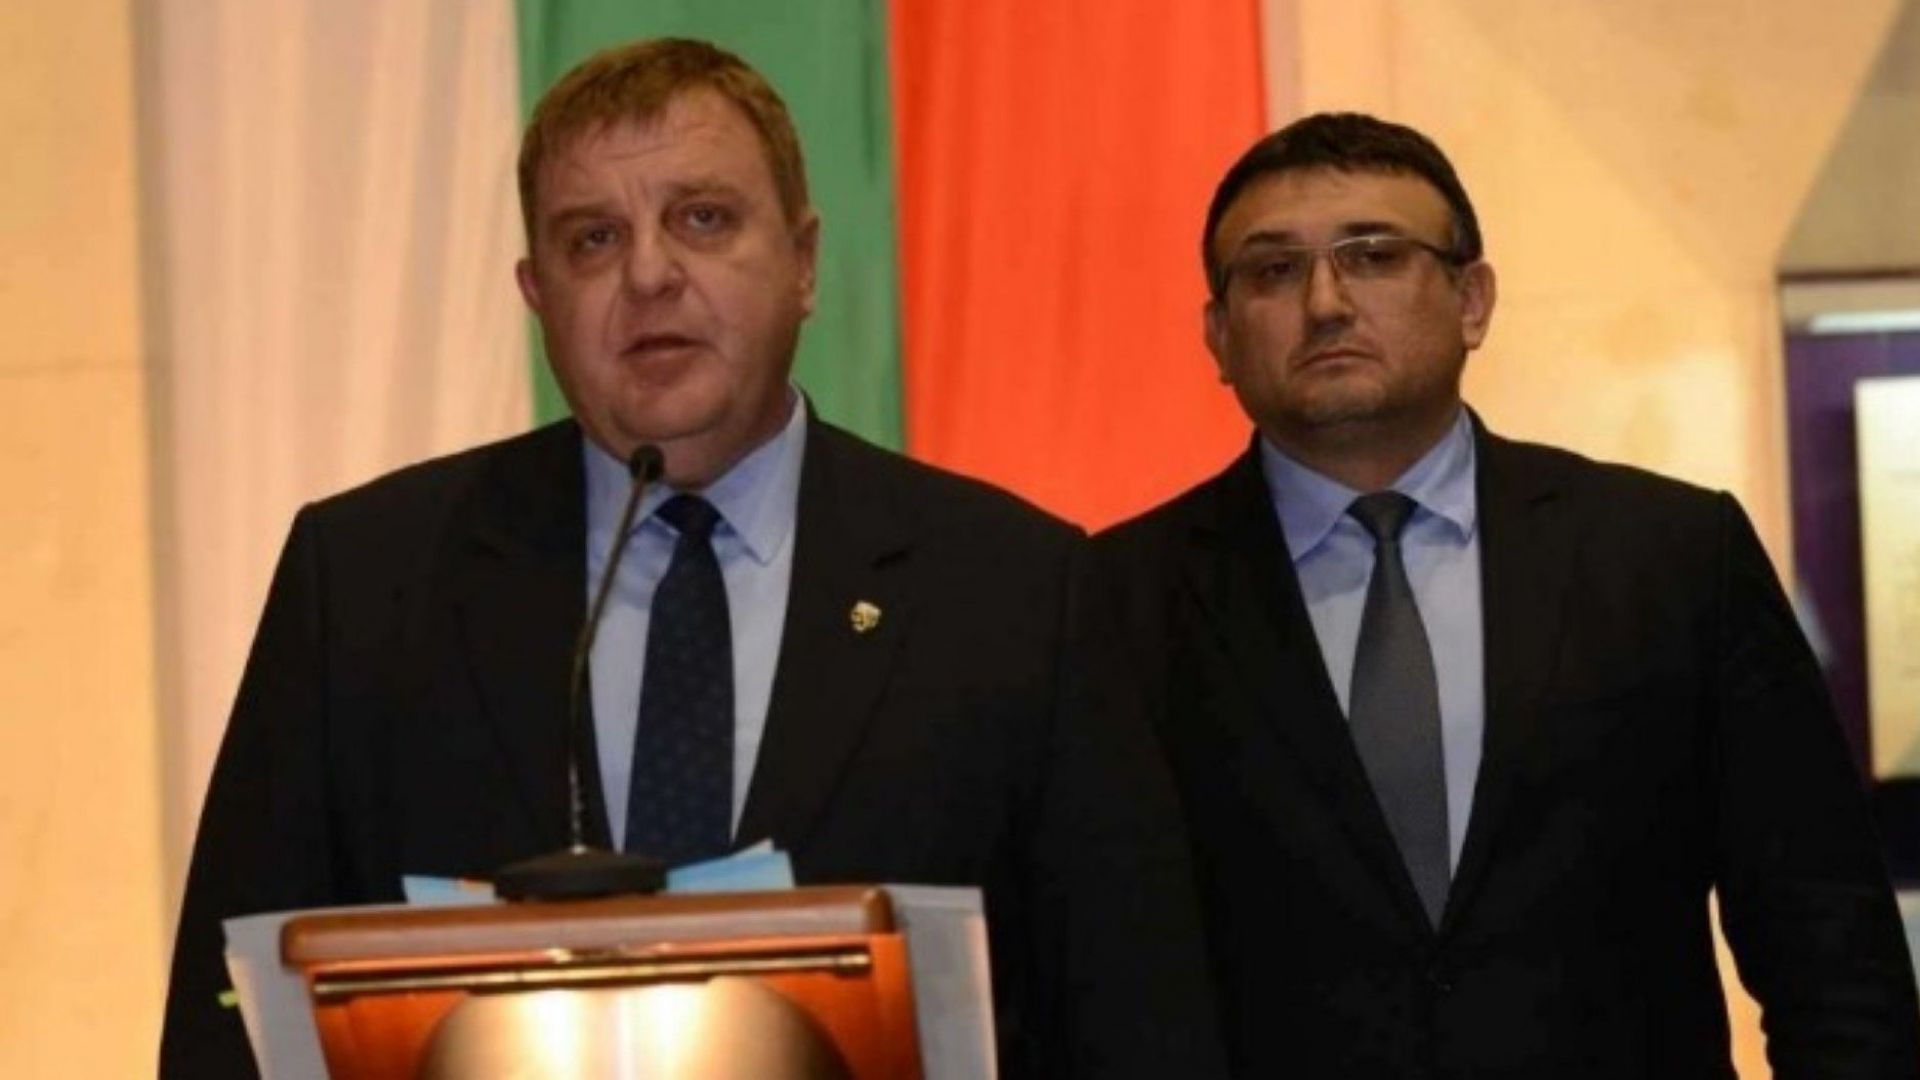 След предложението за закриване на ДАБЧ Каракачанов поиска Министерство за българите в чужбина